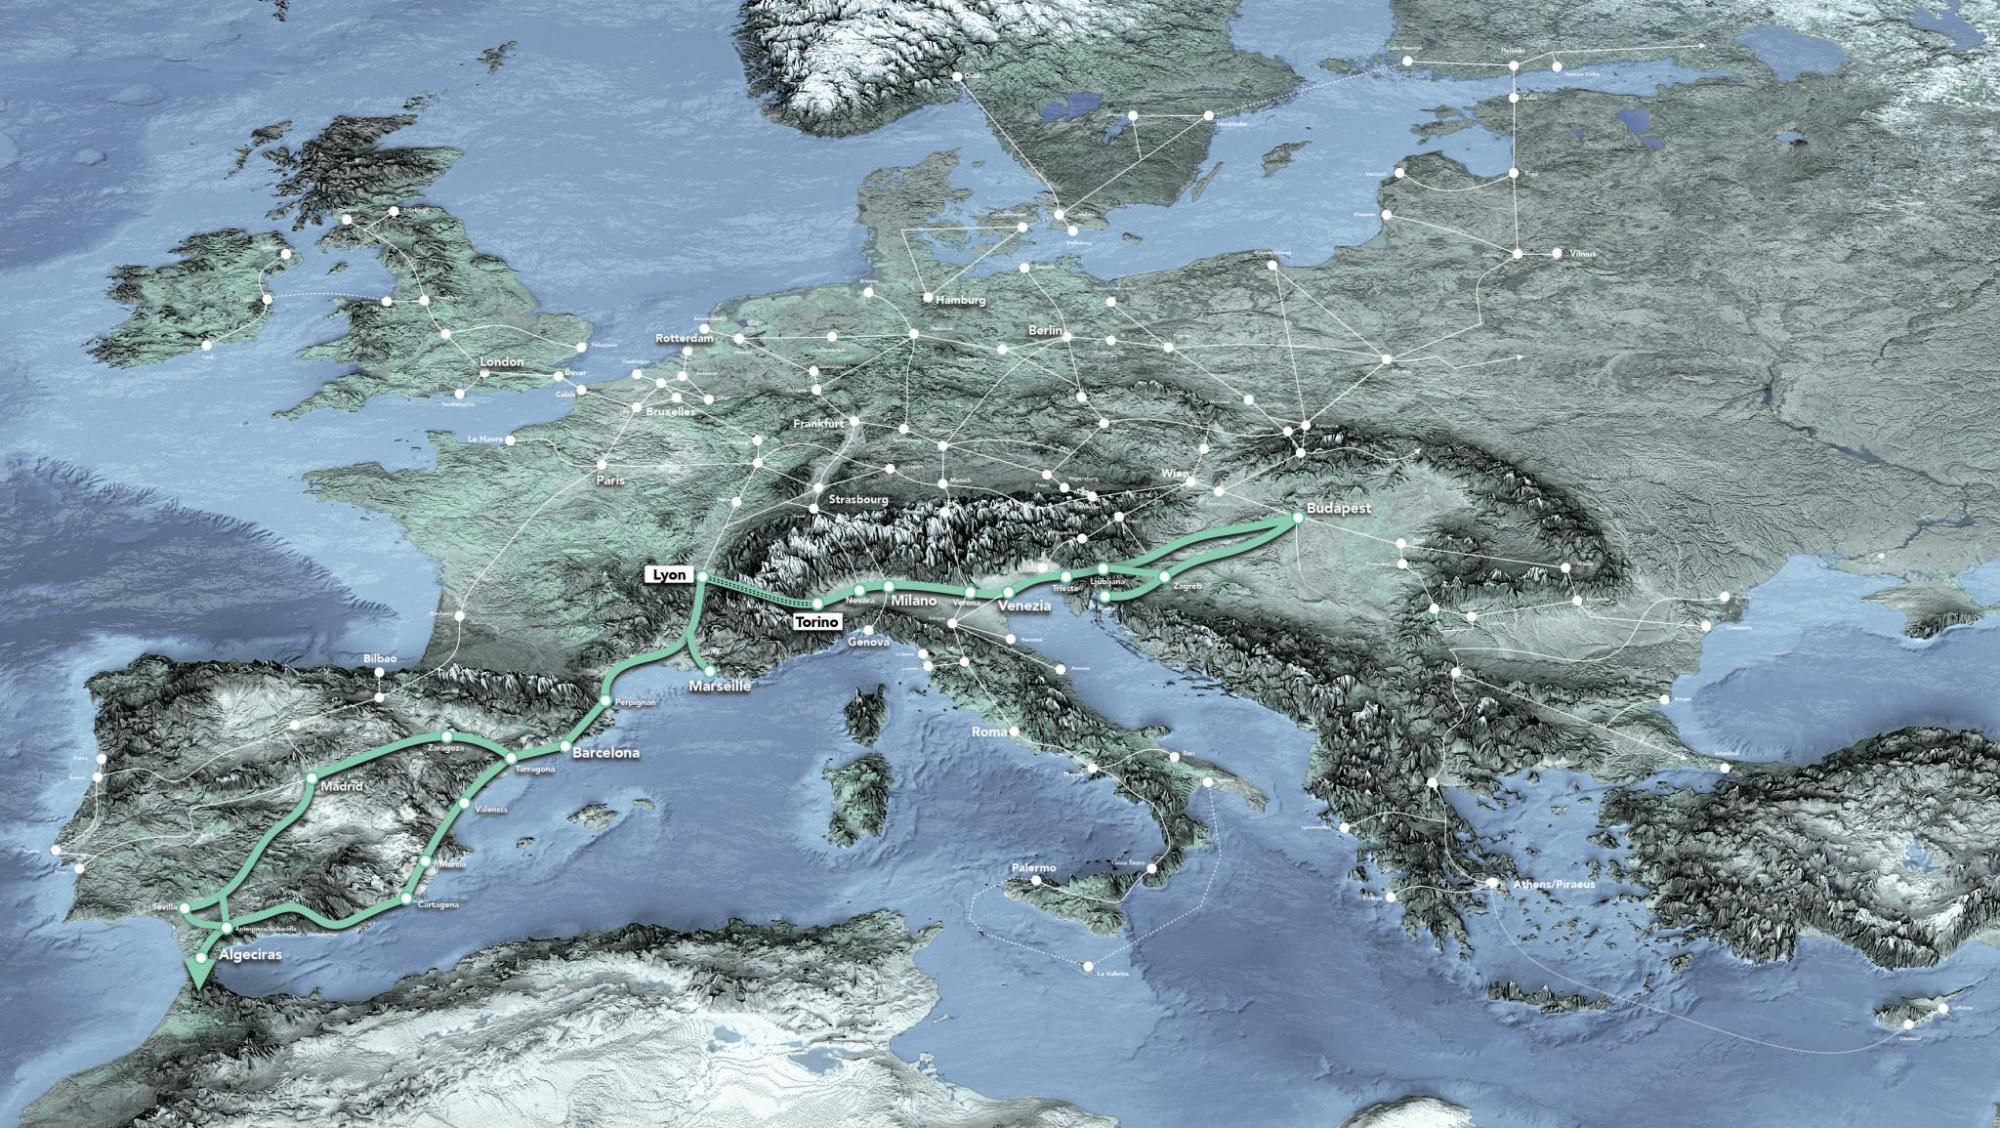 Accès français au tunnel transalpin : l'Europe et l'Italie pressent Paris de s'engager